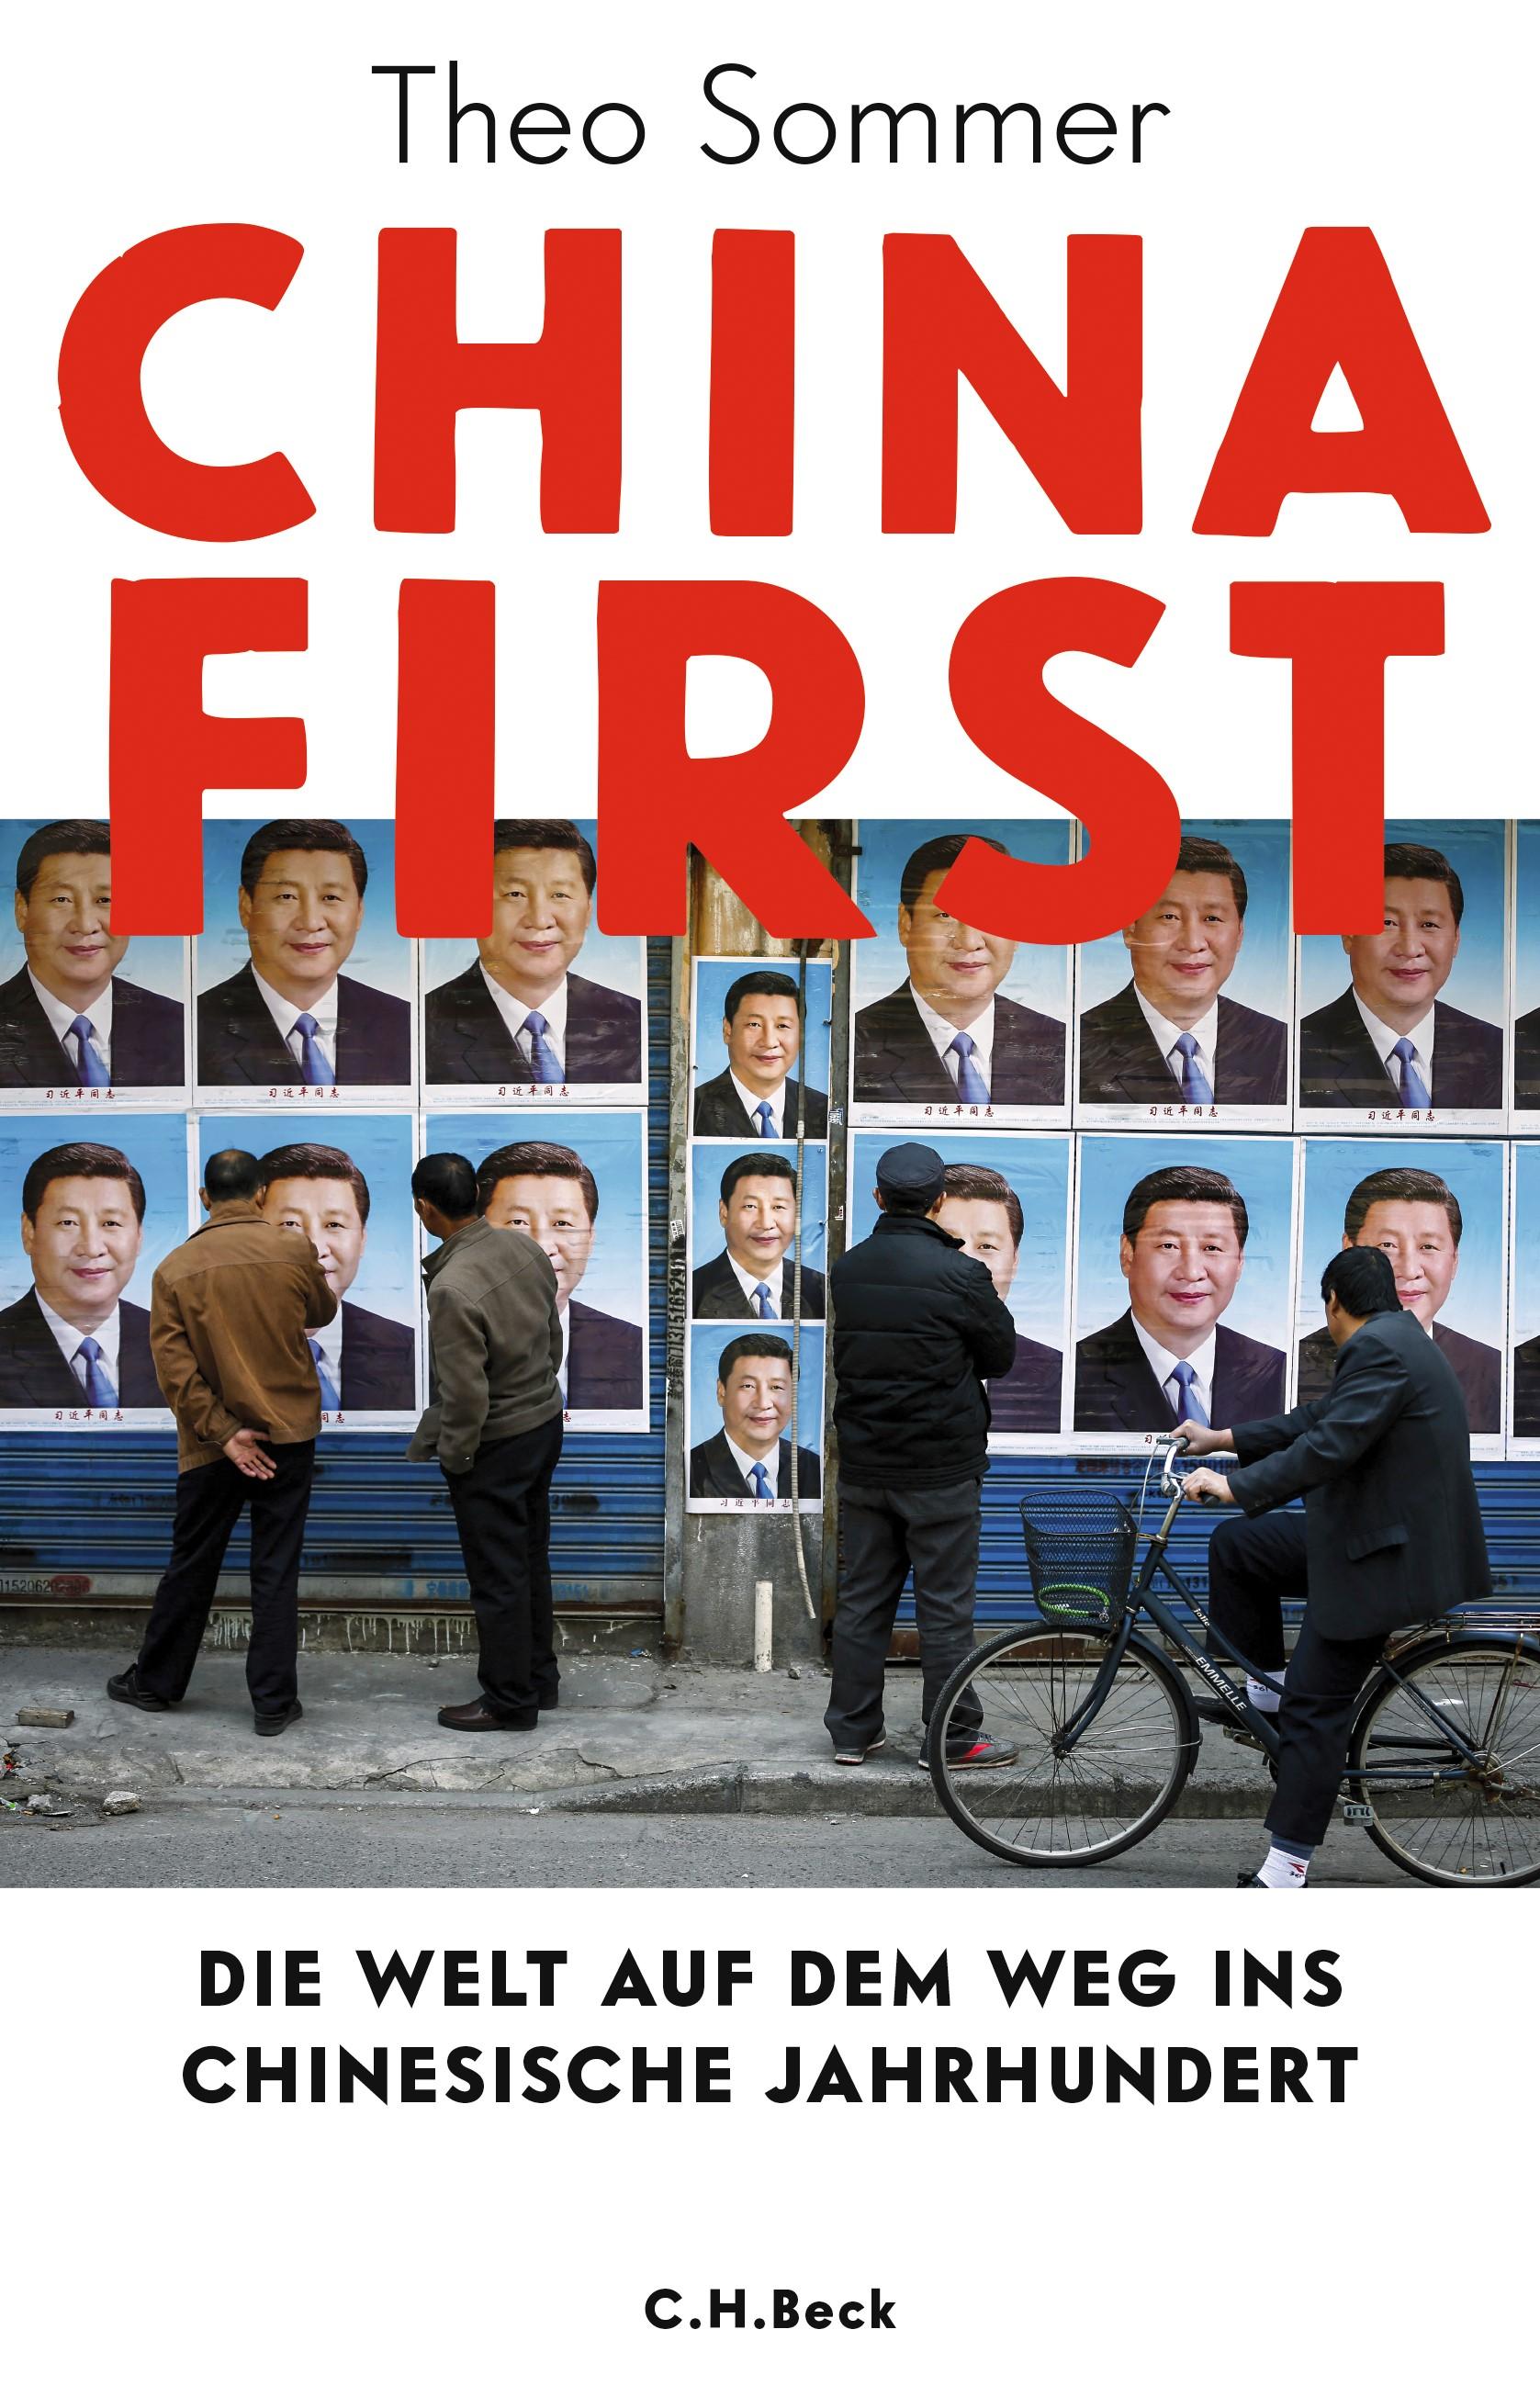 Abbildung von Sommer, Theo | China First | 2., durchgesehene Auflage | 2019